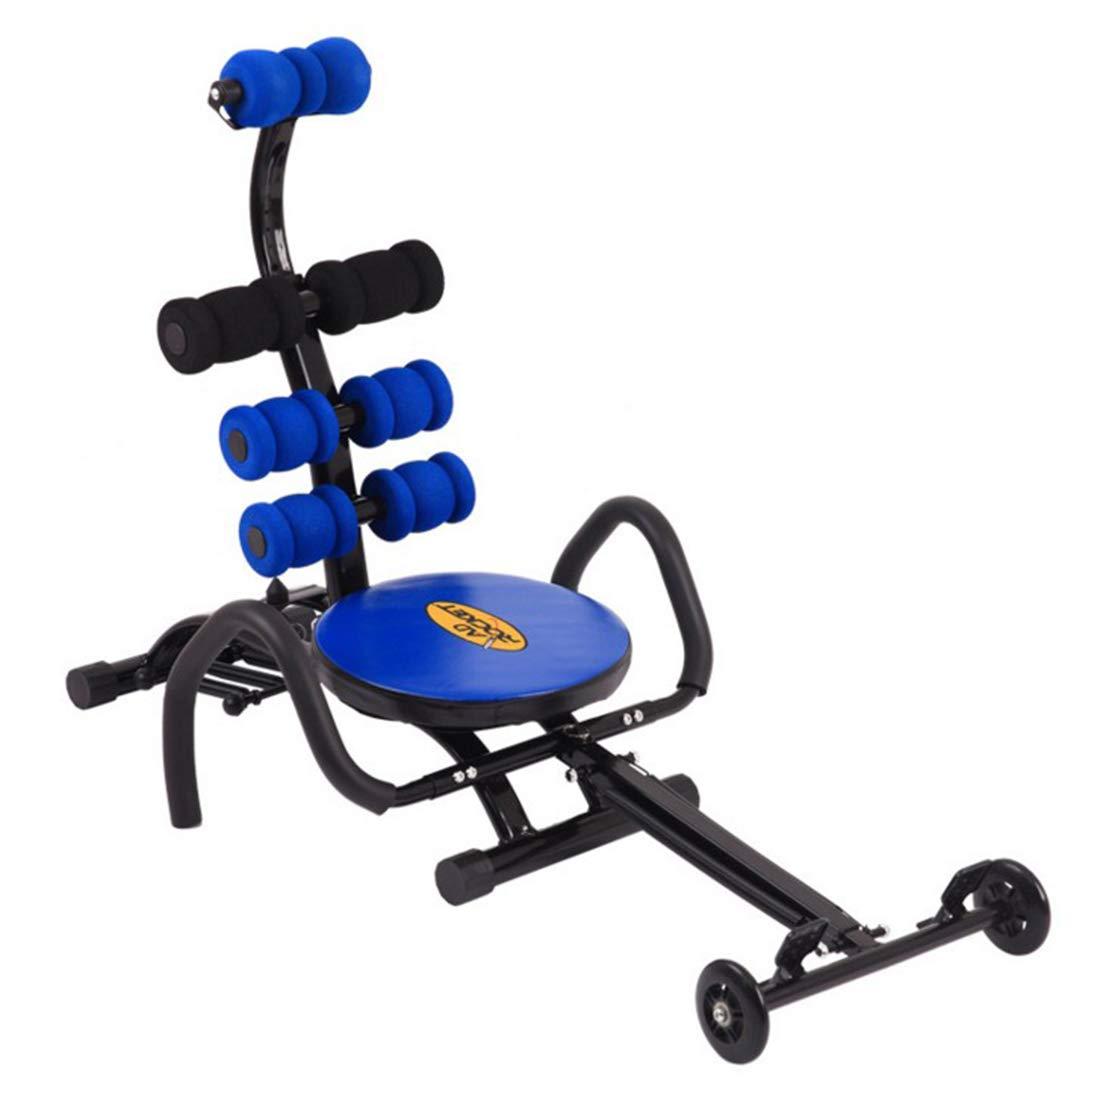 人民の東の道 仰臥位ボード/腹筋運動器具/ホーム腹部多機能腹筋ダンベルベンチ/該当する場所:リビングルーム、バルコニー、寝室、オフィス (色 : ブルー)  ブルー B07R18Y9YZ